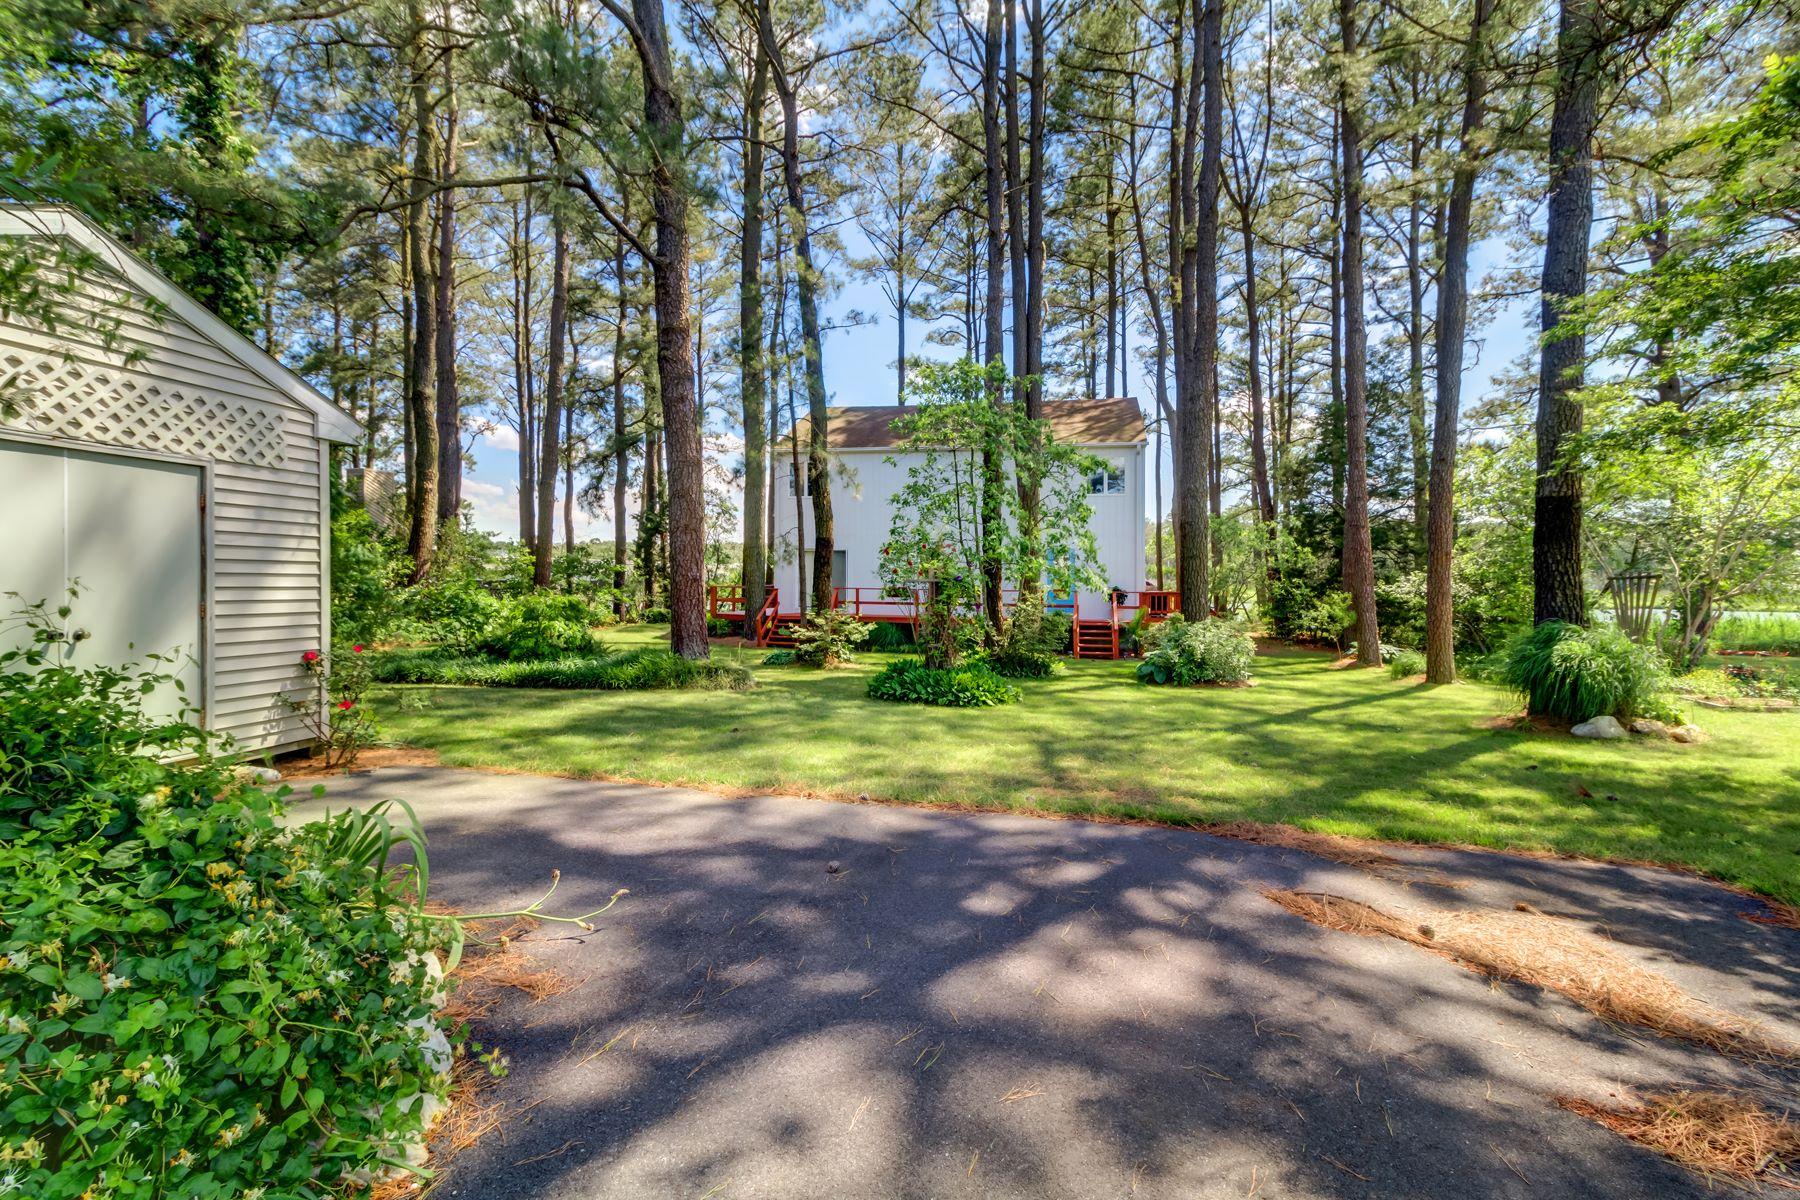 Villa per Vendita alle ore 33792 Love Creek Pines Lane , Lewes, DE 19958 33792 Love Creek Pines Lane Lewes, Delaware, 19958 Stati Uniti